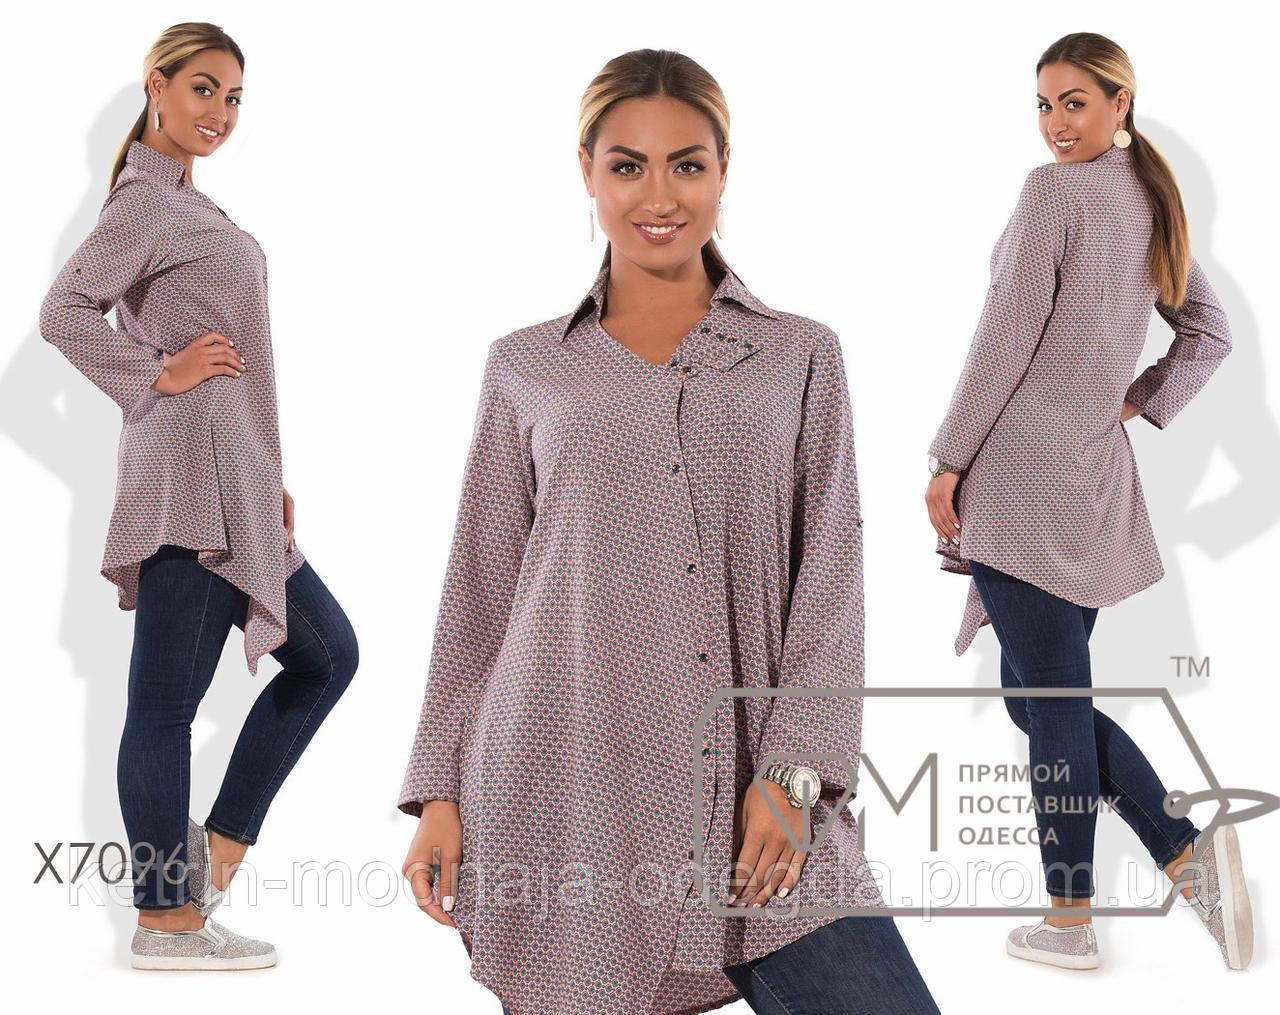 a41db17de128 Модная женская удлиненная рубашка туника большого размера 48, 50: продажа,  цена в ...